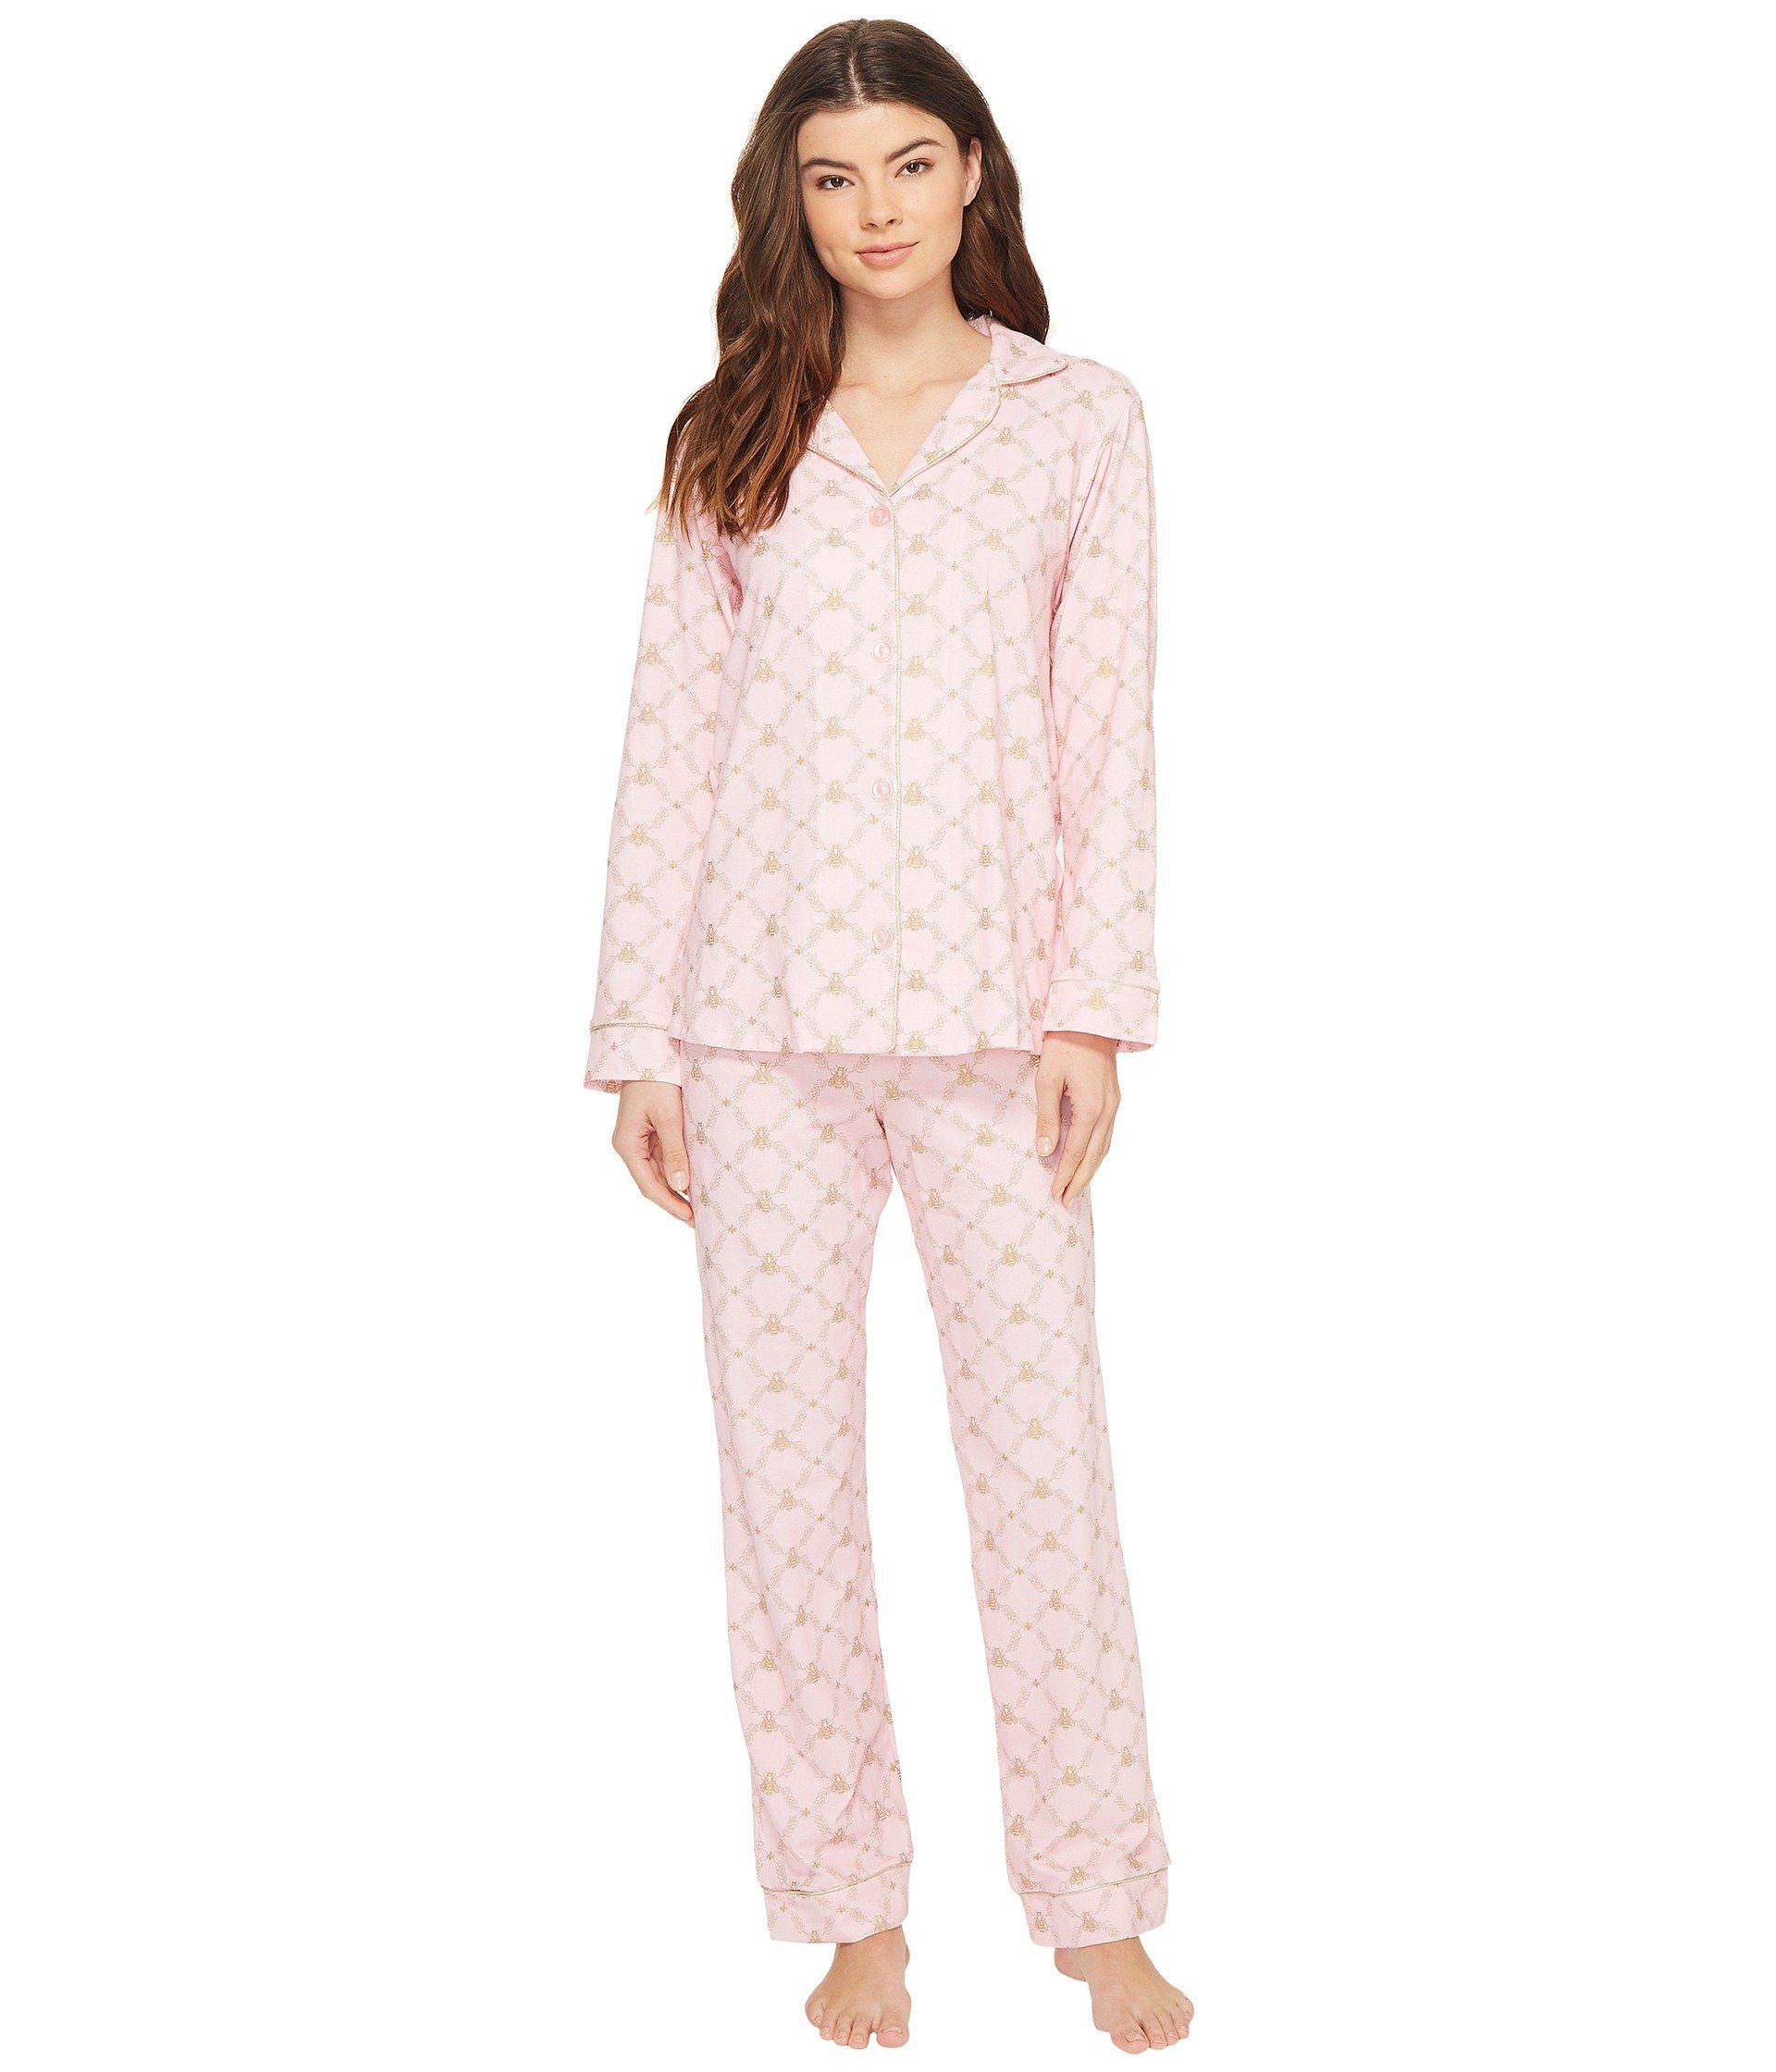 BedHead Womens Long Sleeve Classic Notch Collar Sleepshirt